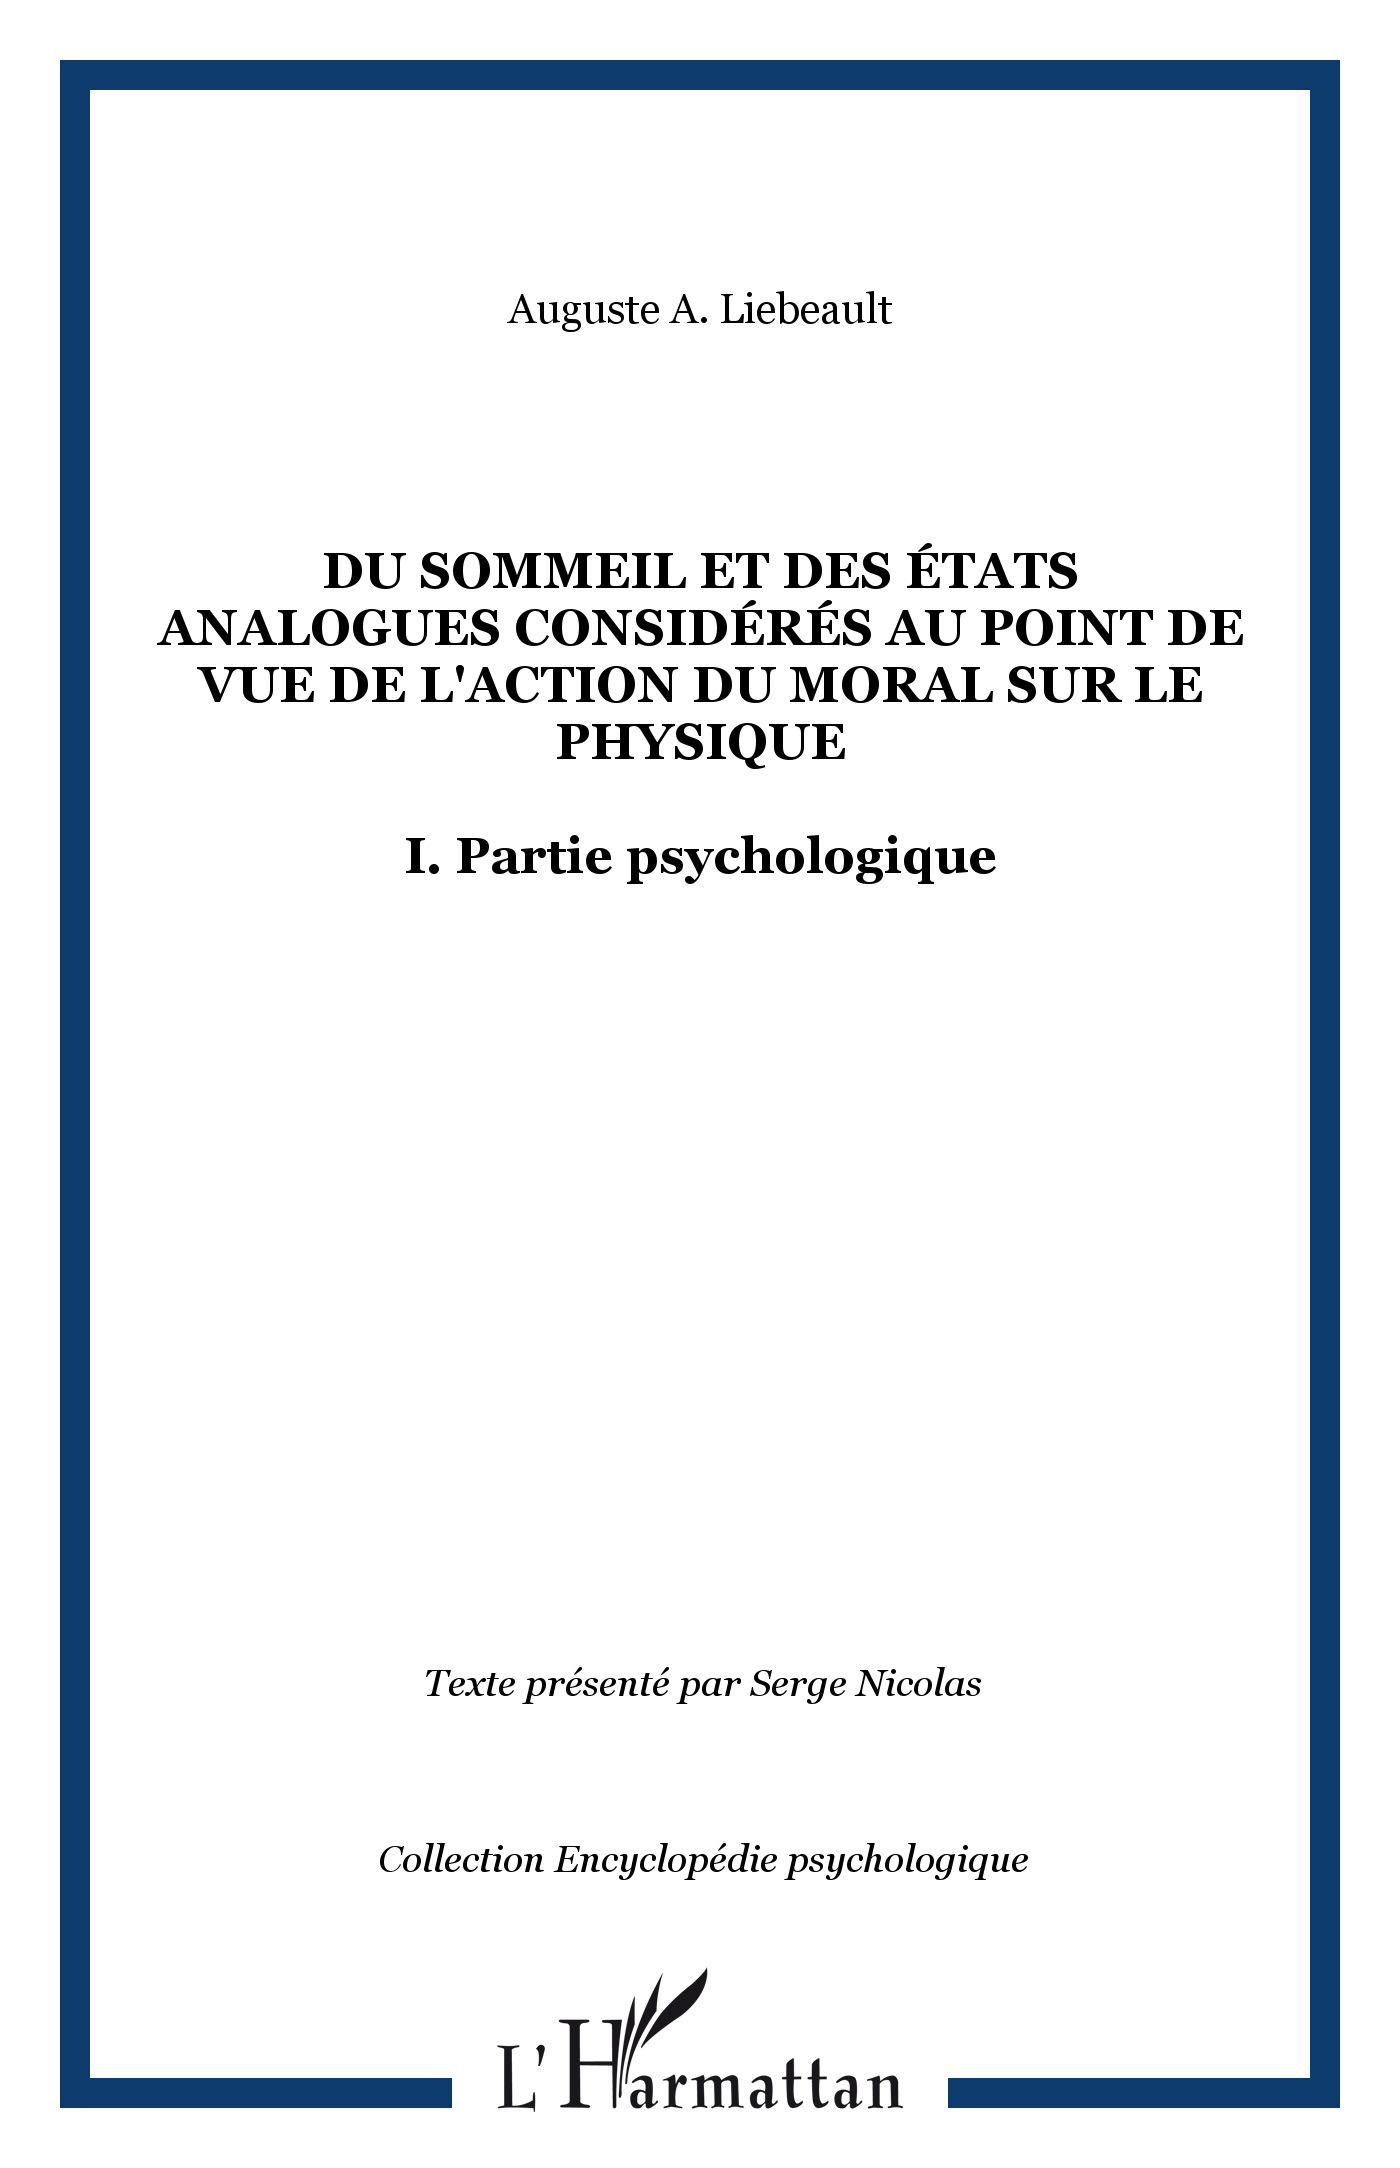 Du sommeil et des états analogues considérés surtout au point de vue de l'action du moral sur le physique. I. Partie psychologique - Auguste-A Liébeault